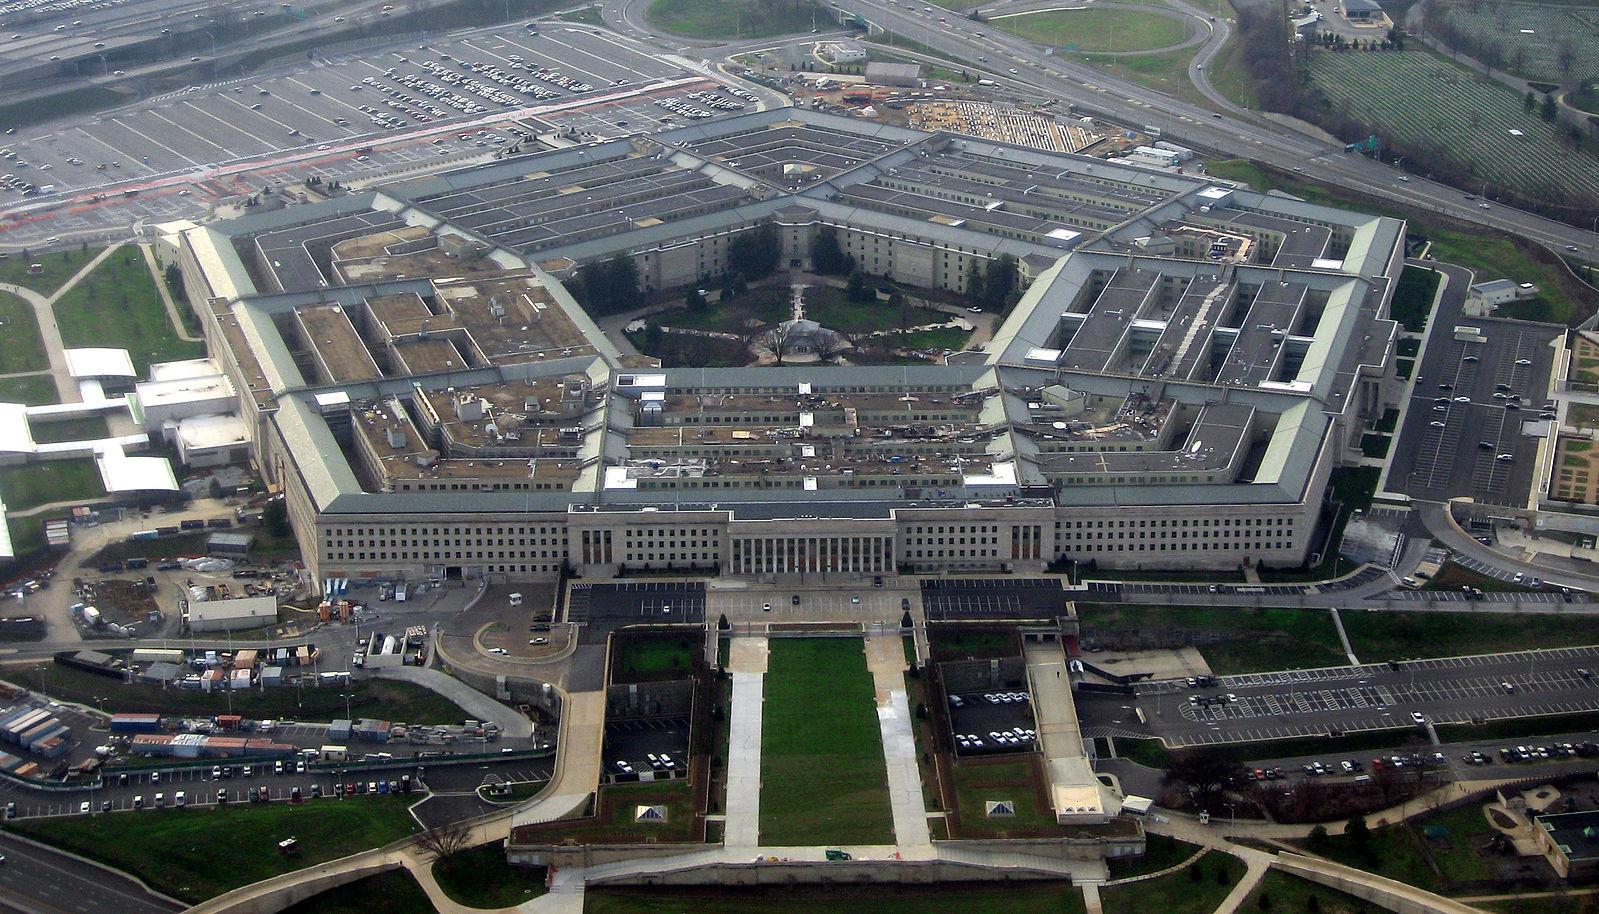 美國哥倫比亞廣播公司新聞網(CBS News)今天報道,俄羅斯黑客去年入侵美軍參謀首長聯席會議(JCS)使用的非機密電子郵件系統,報道引述時任參謀首長聯席會議主席鄧普西的受訪內容。圖為五角大廈。(David B. Gleason/Wikicommons)